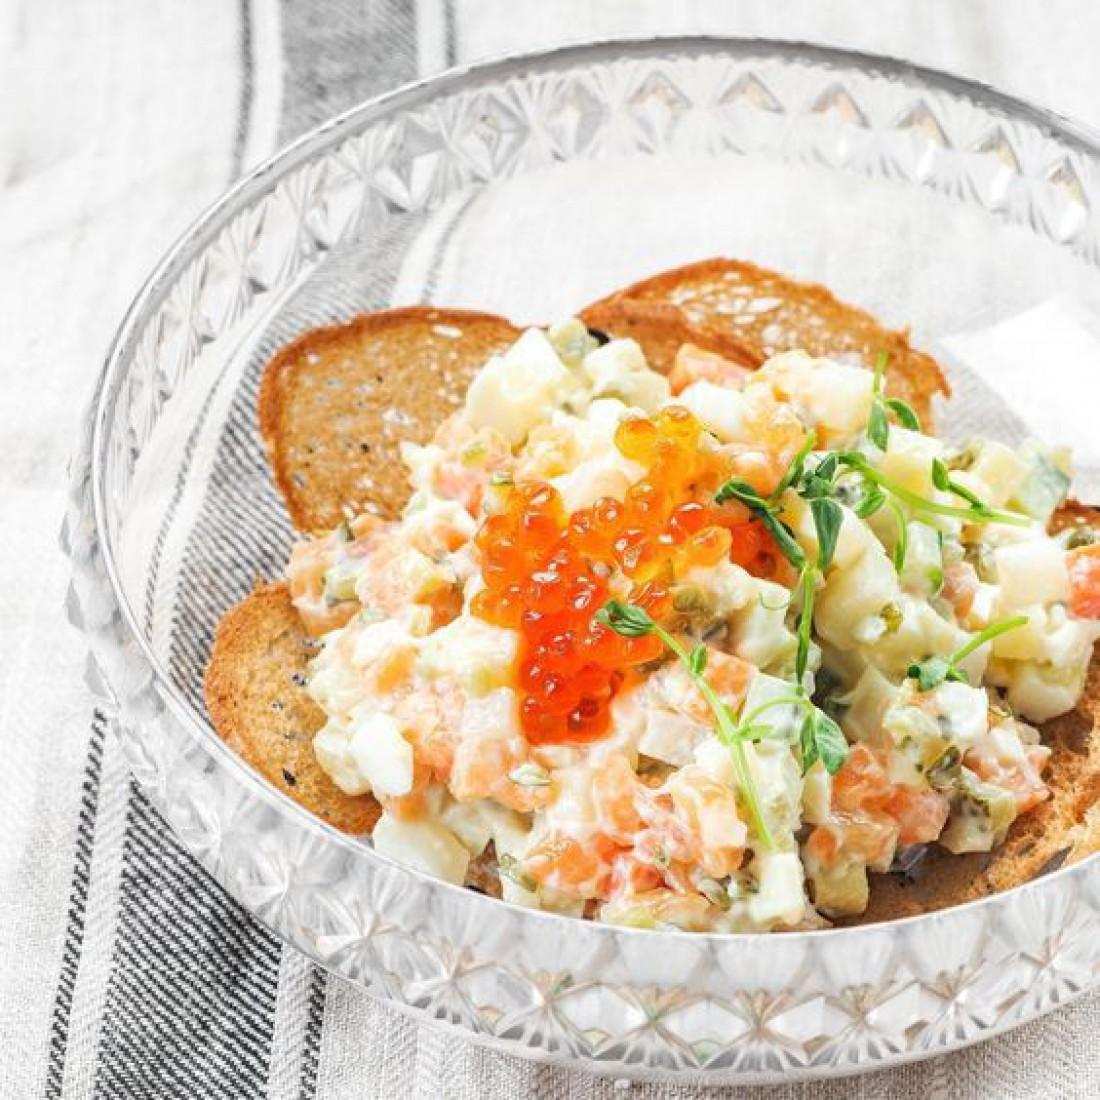 ТОП-7 вкуснейших салатов на Новый год 2020 (с фото)